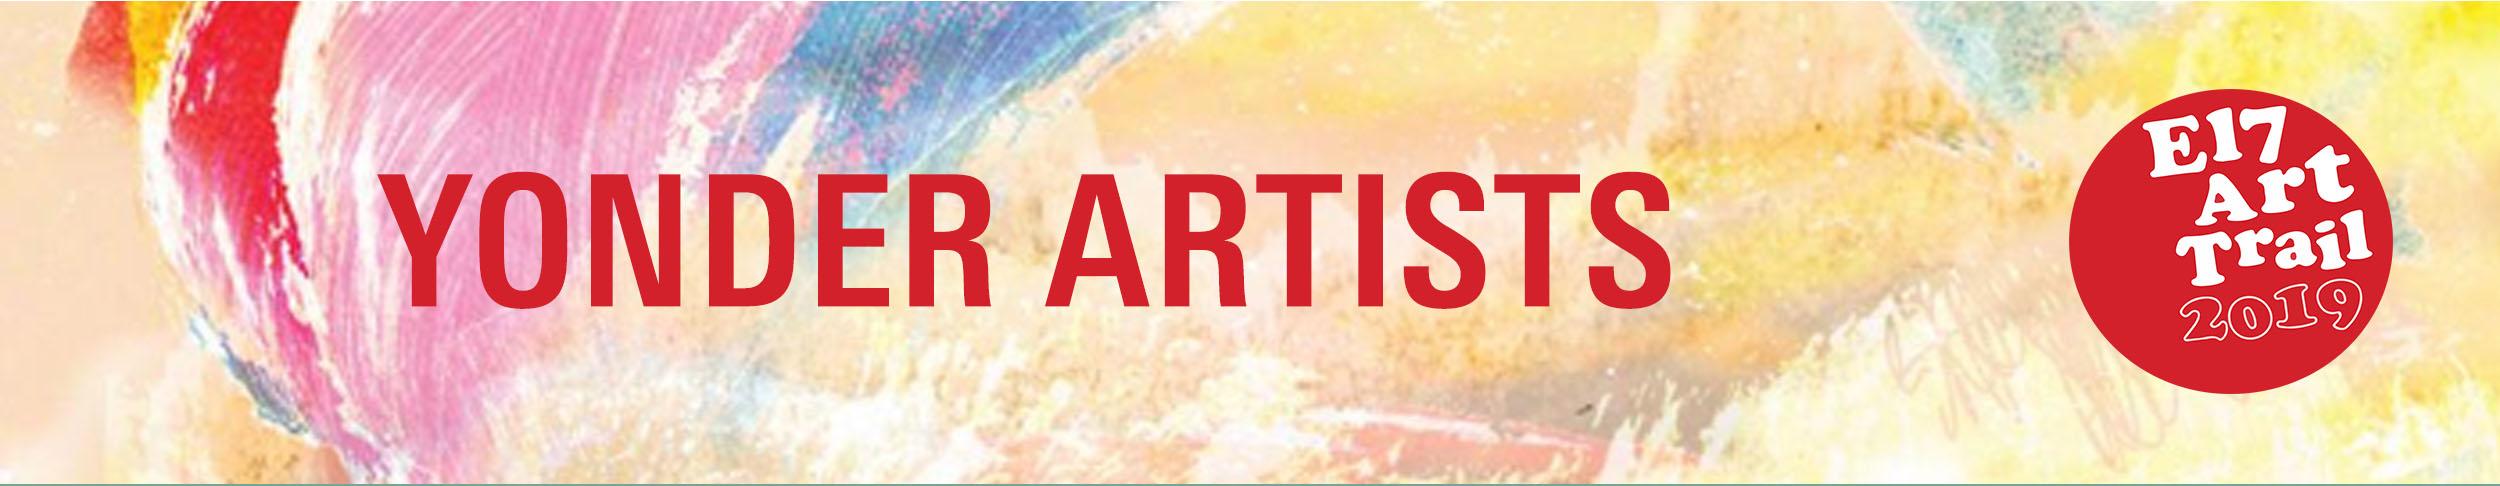 Artists Banner.jpg